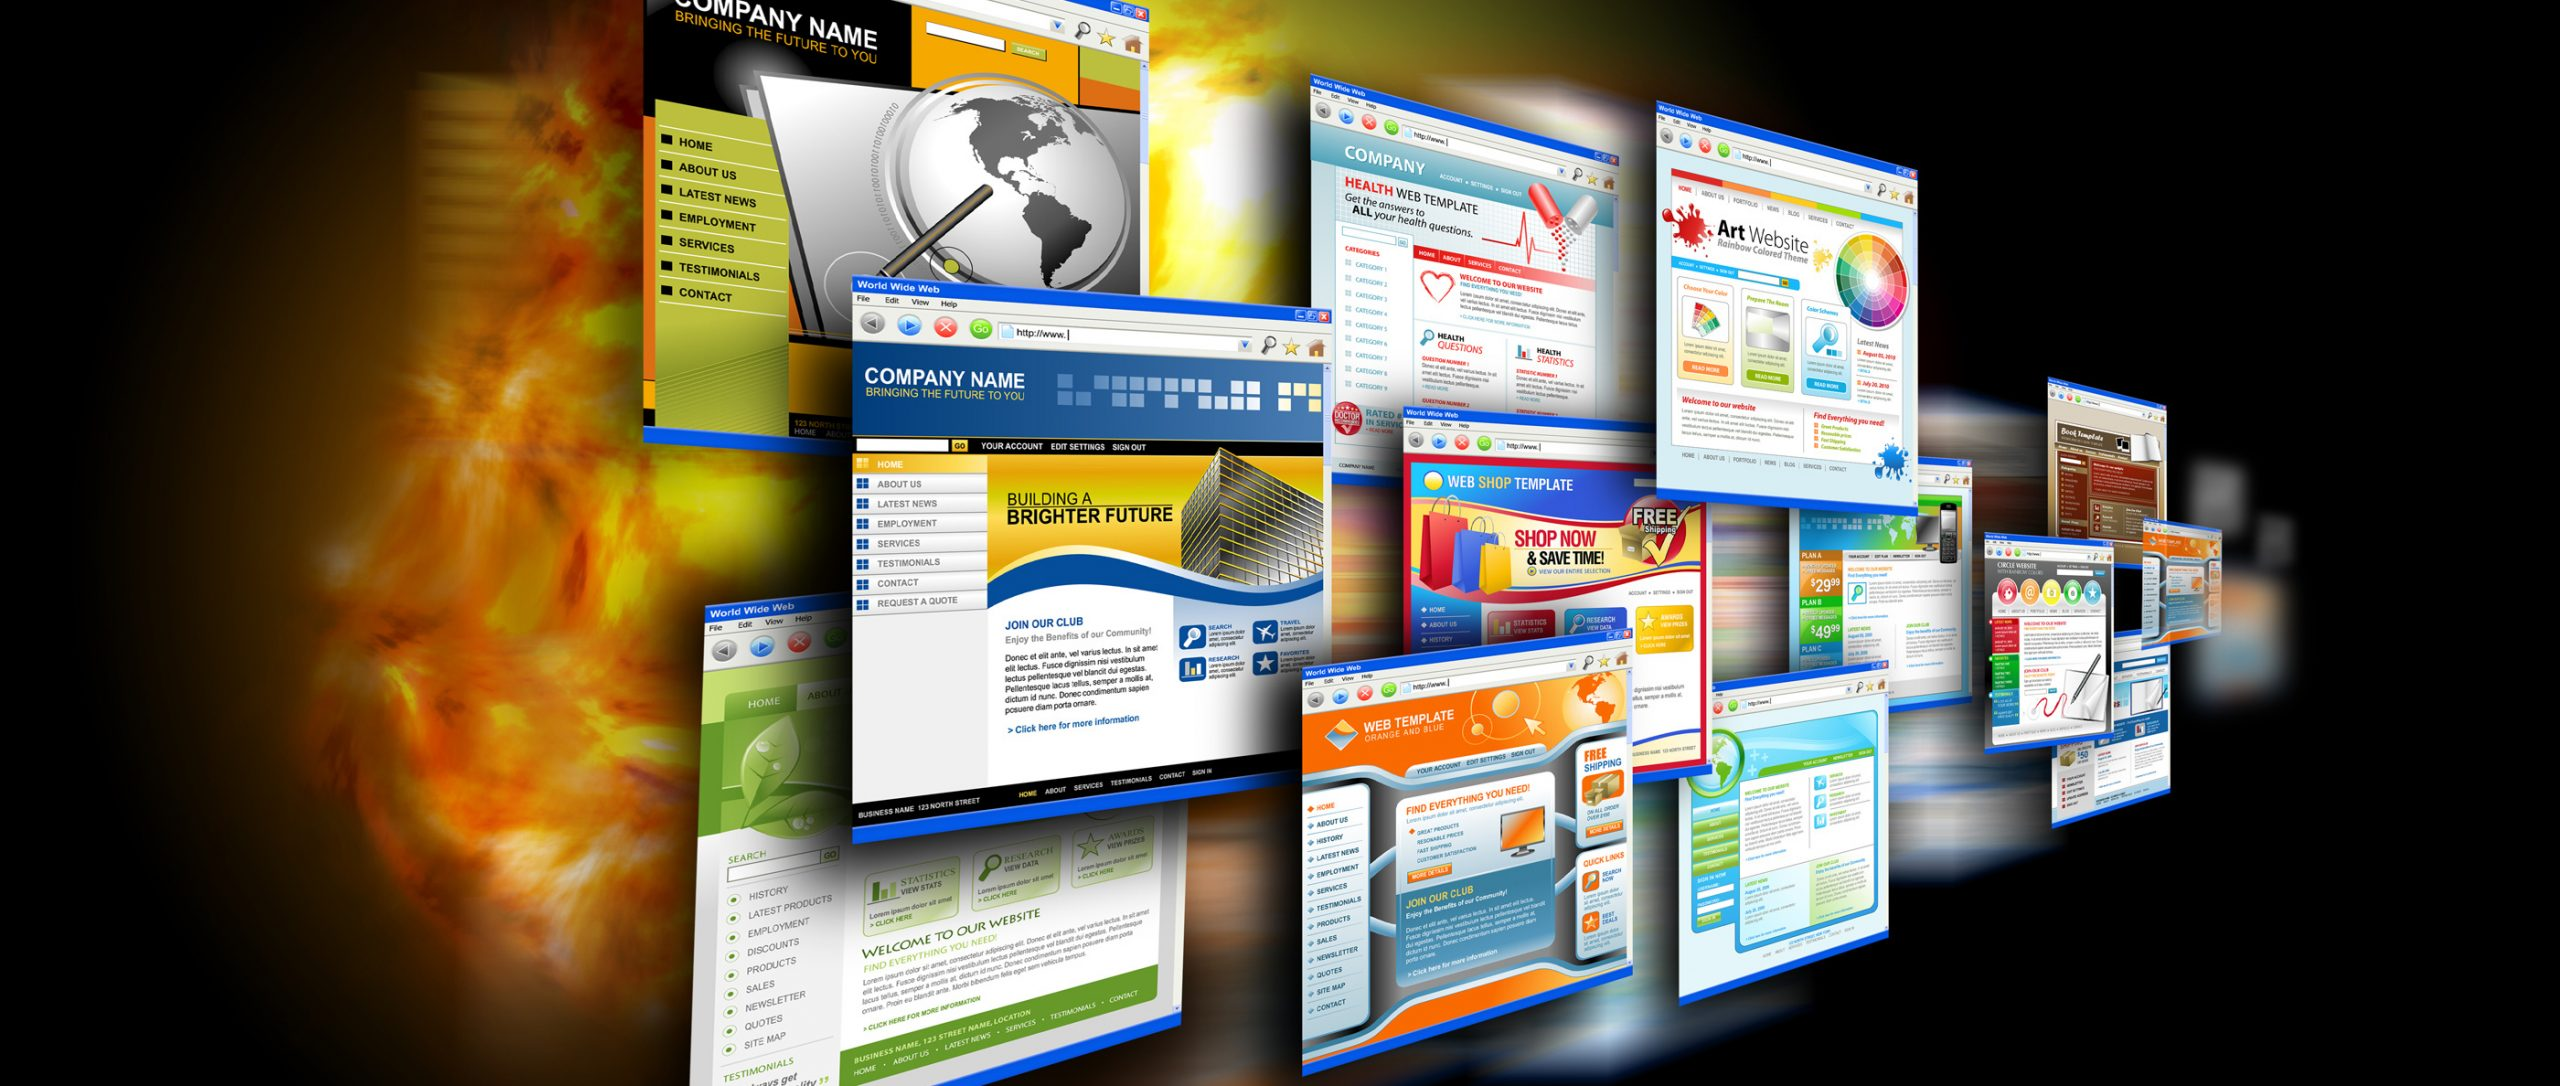 Cách kinh doanh online hiệu quả nhất, không gì ngoài bán hàng đa kênh